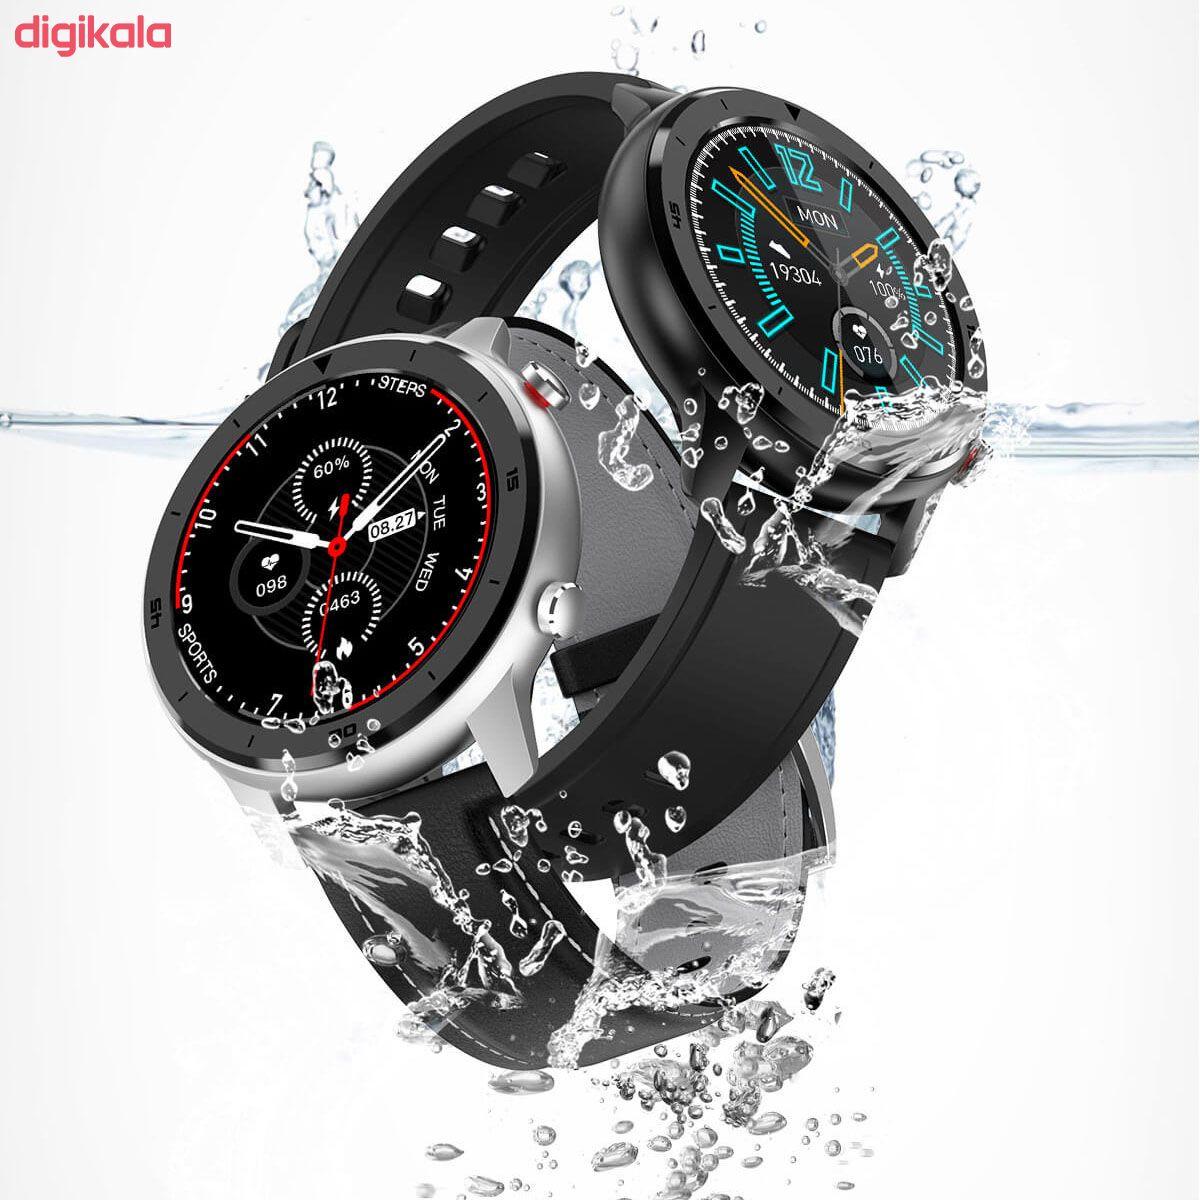 ساعت هوشمند دی تی نامبر وان مدل DT78 main 1 5